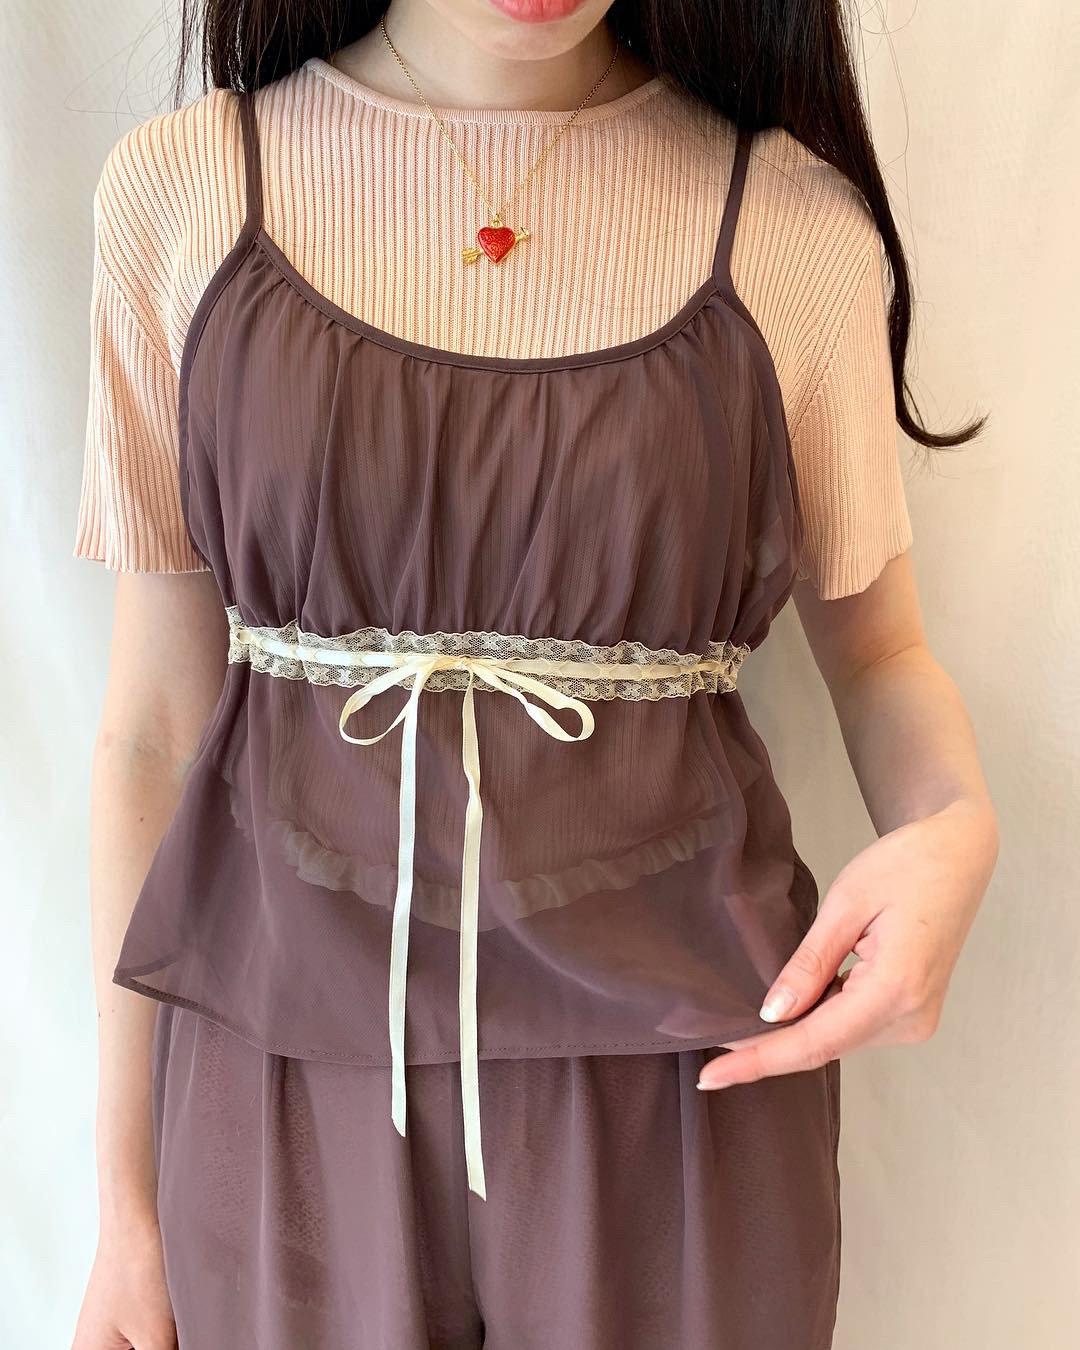 set up sheer brown lingerie